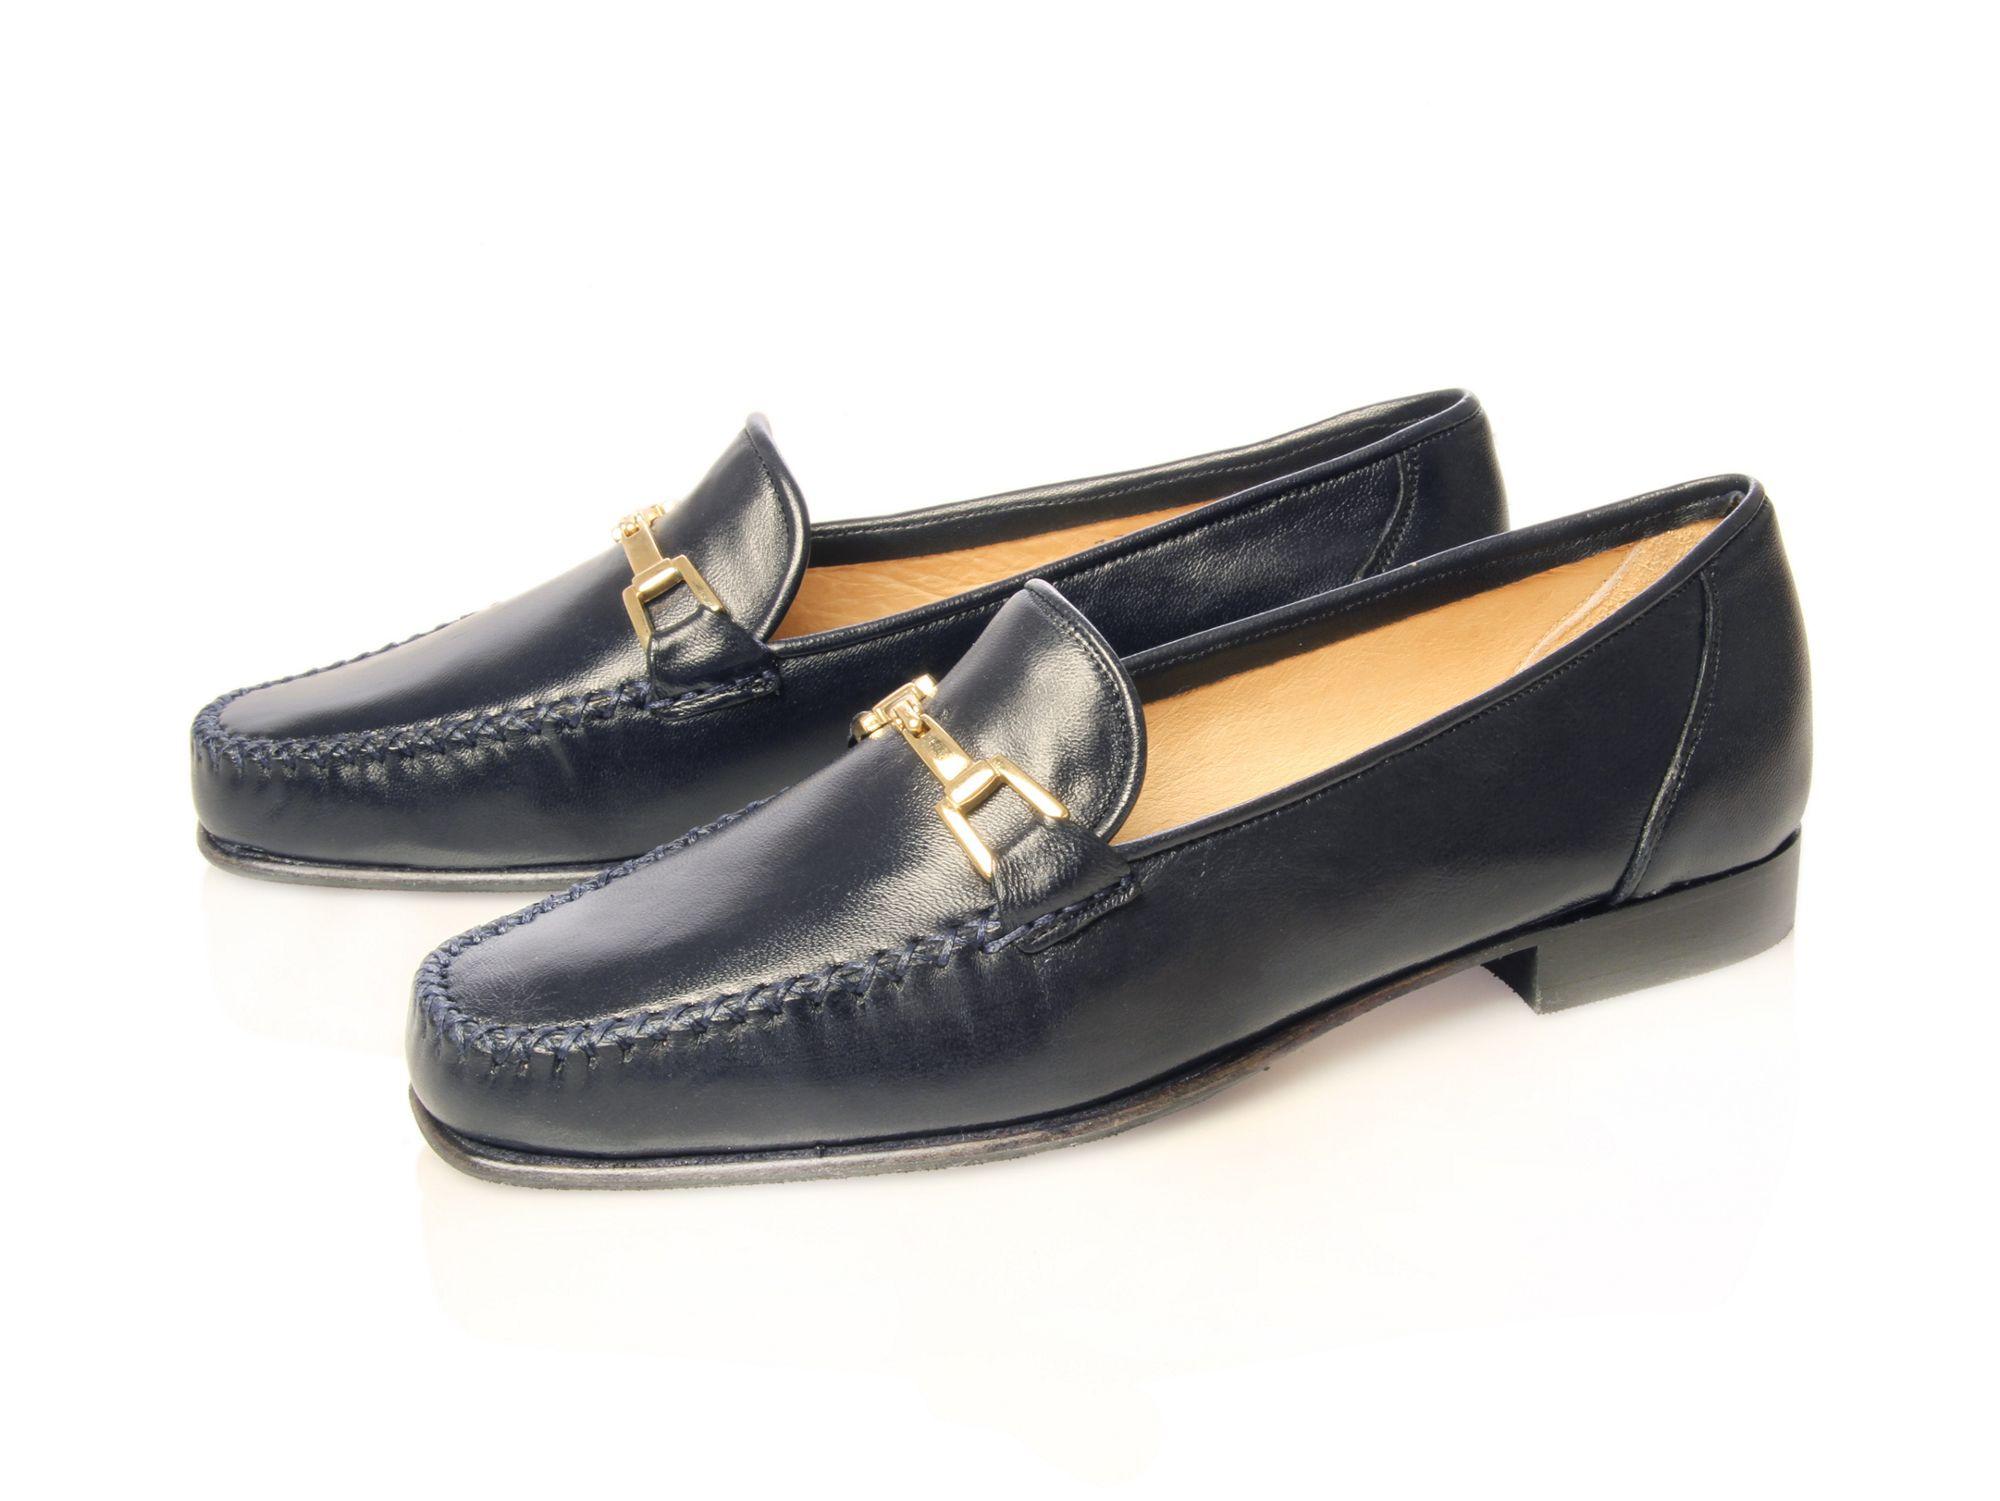 Carvela Kurt Geiger Mariner Loafers In Blue For Men | Lyst